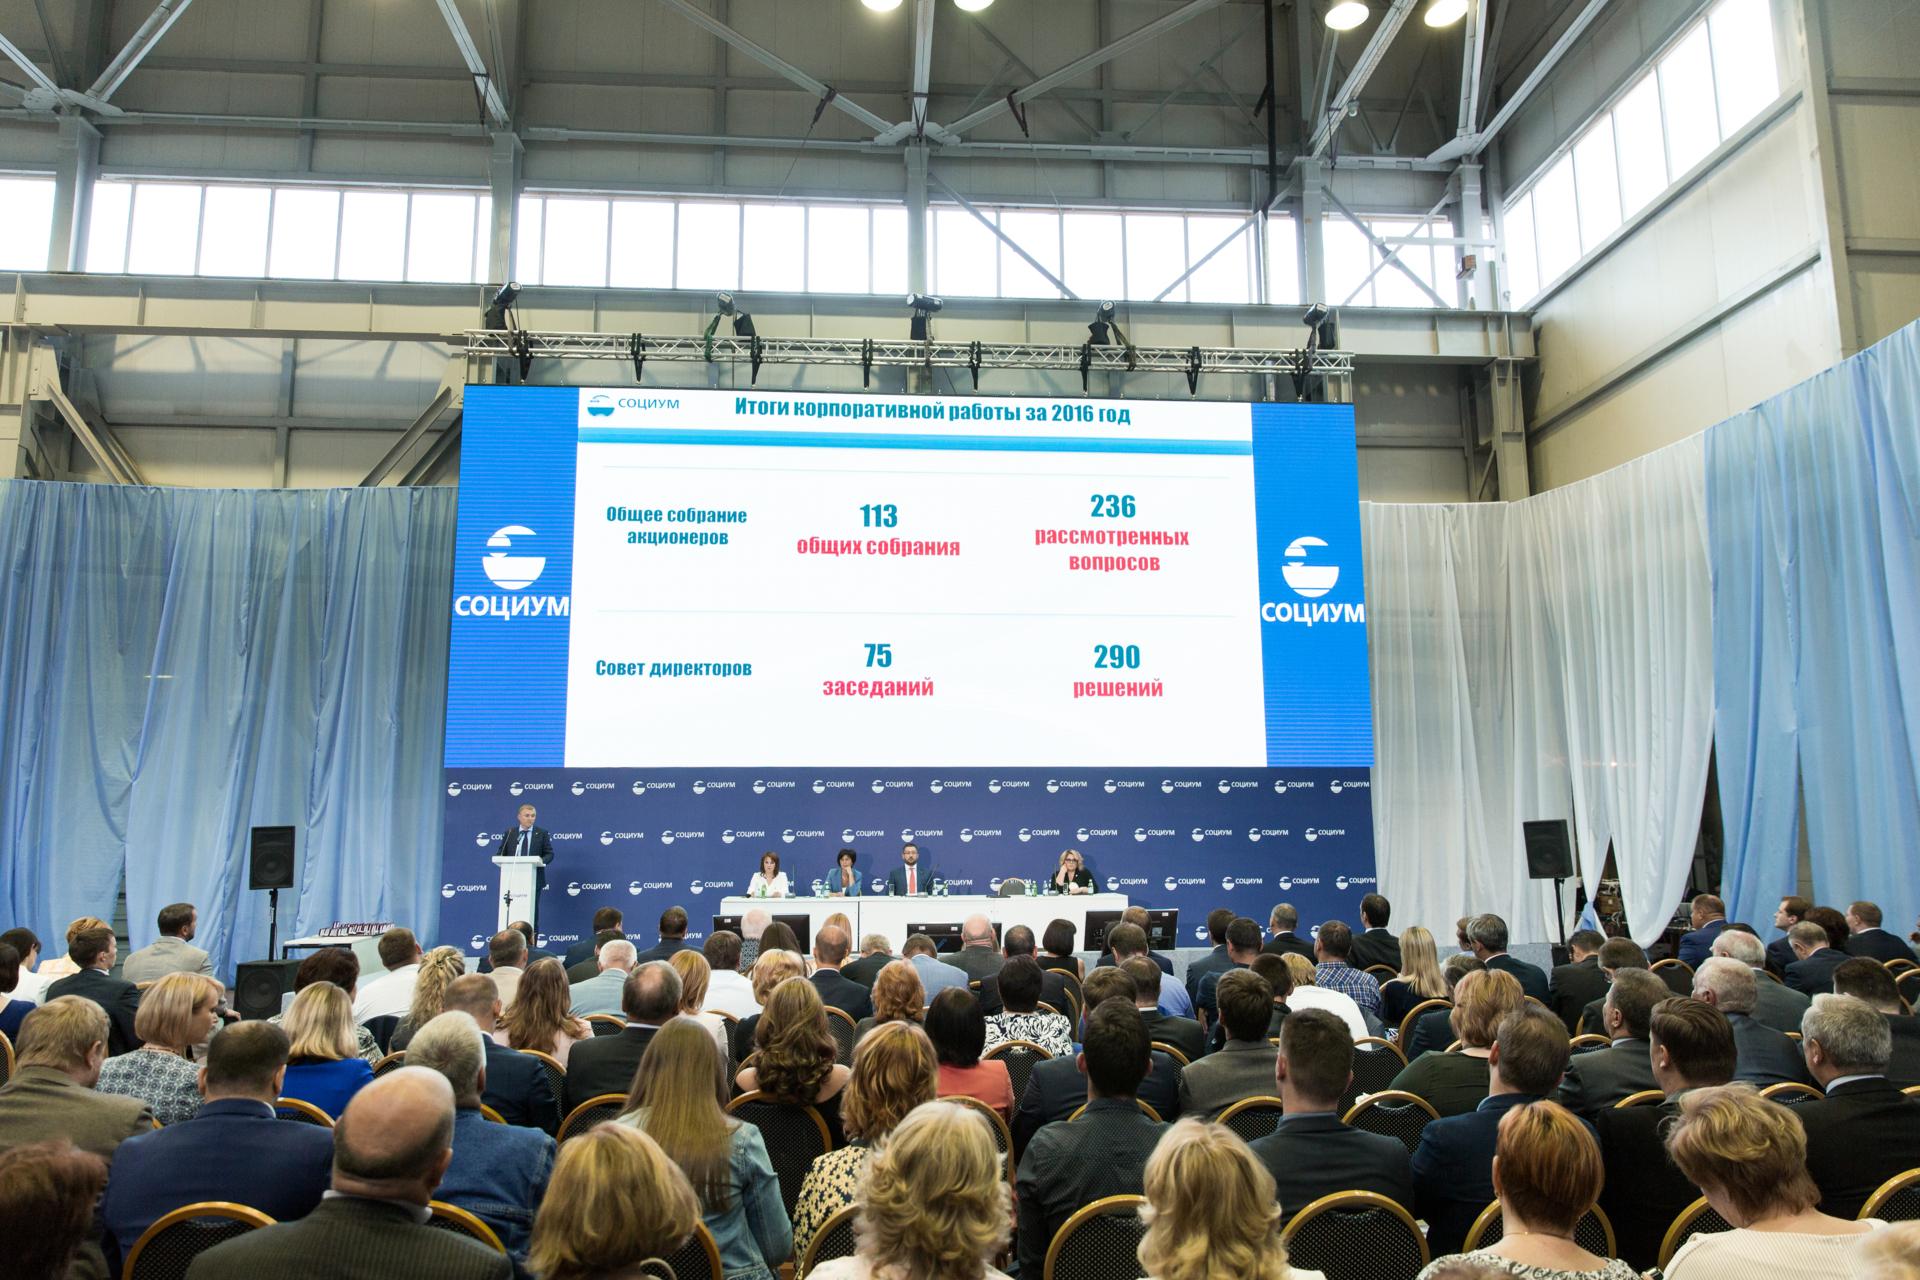 На годовой конференции холдинга «Социум» корпоративный директор Андрей Данько рассказал об итогах кадровой политики